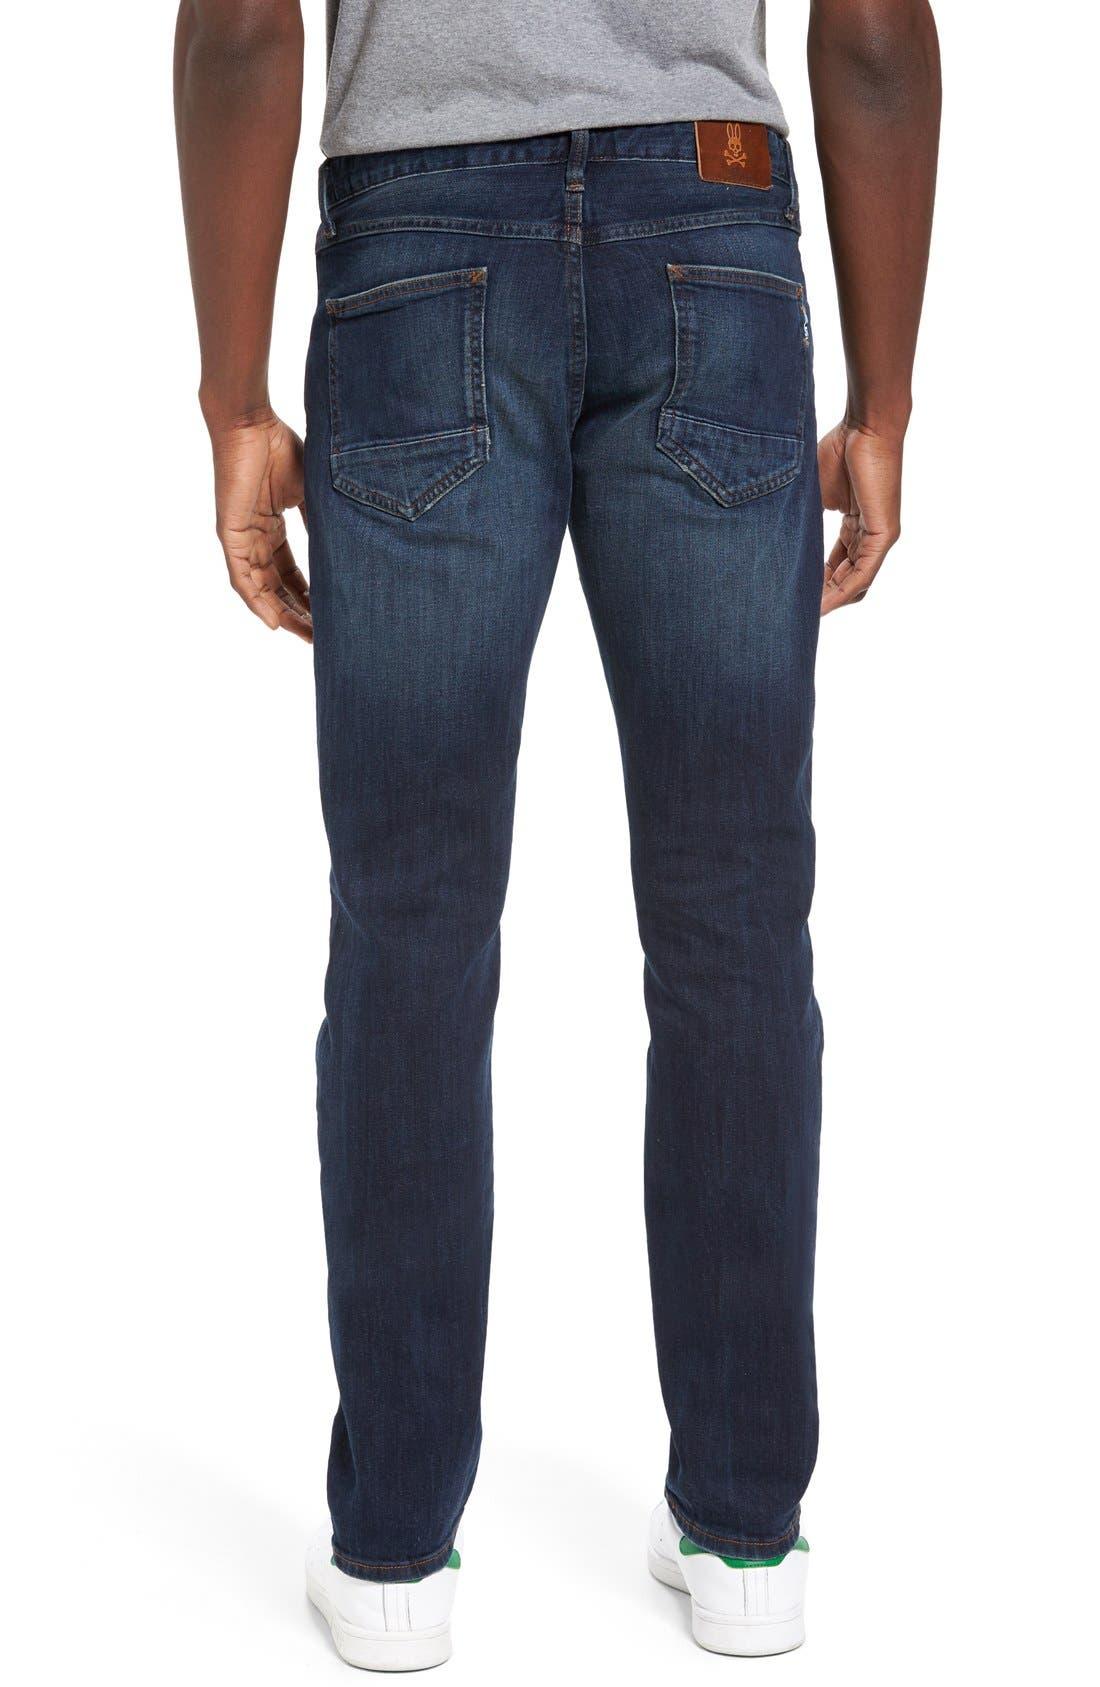 Alternate Image 2  - Psycho Bunny Spitfire Slim Fit Jeans